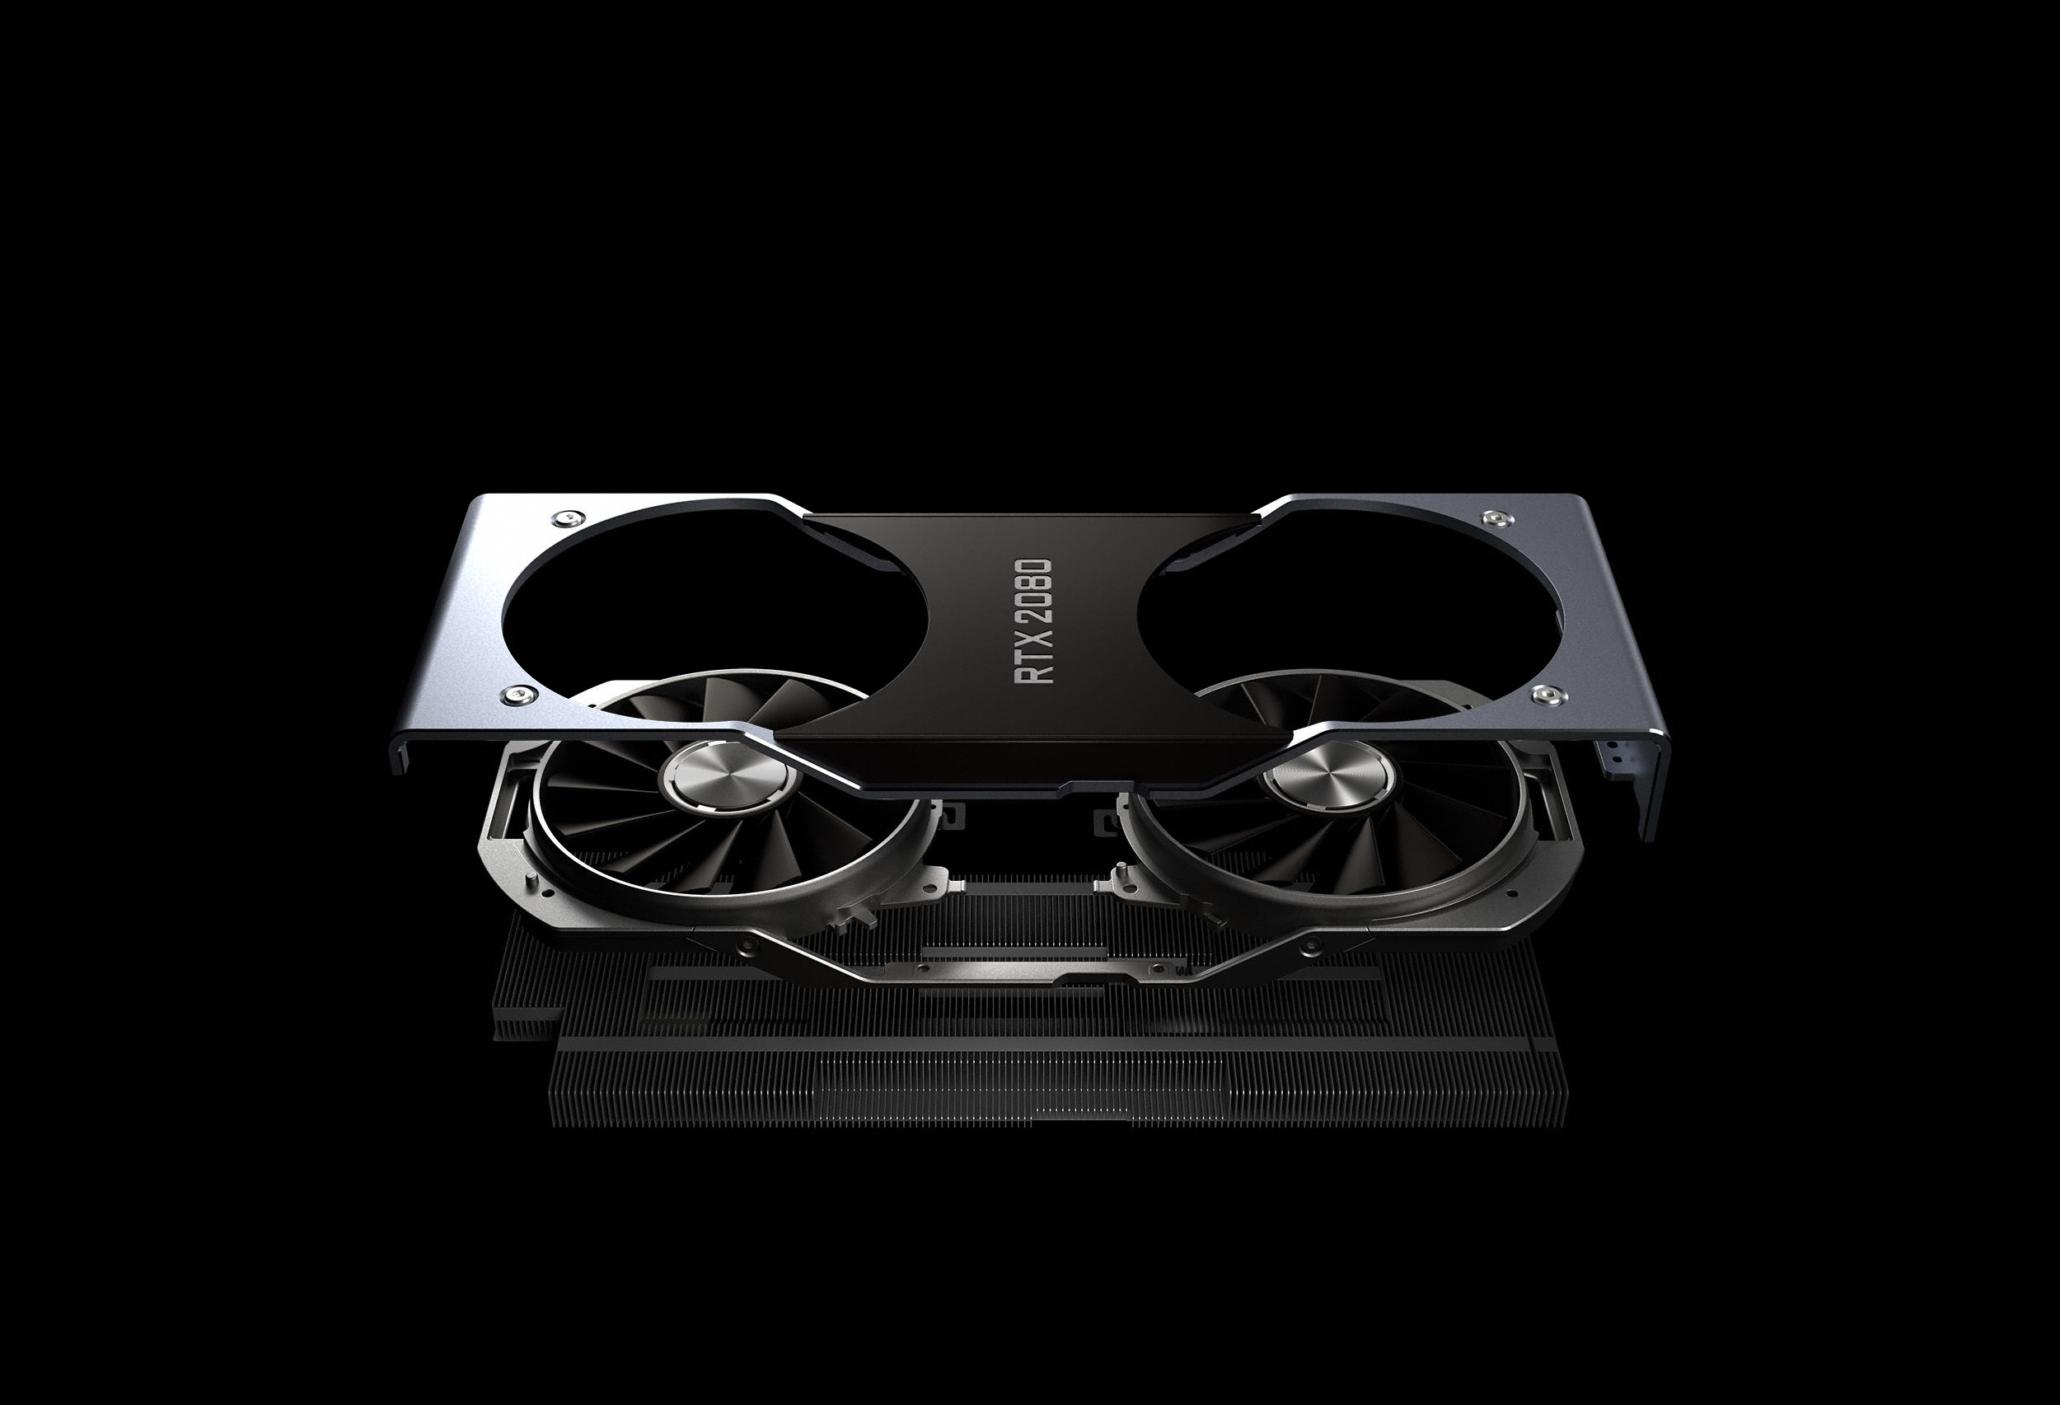 NVIDIA выпустит RTX 2060 и GTX 1160 - с поддержкой трассировки и без неё одновременно